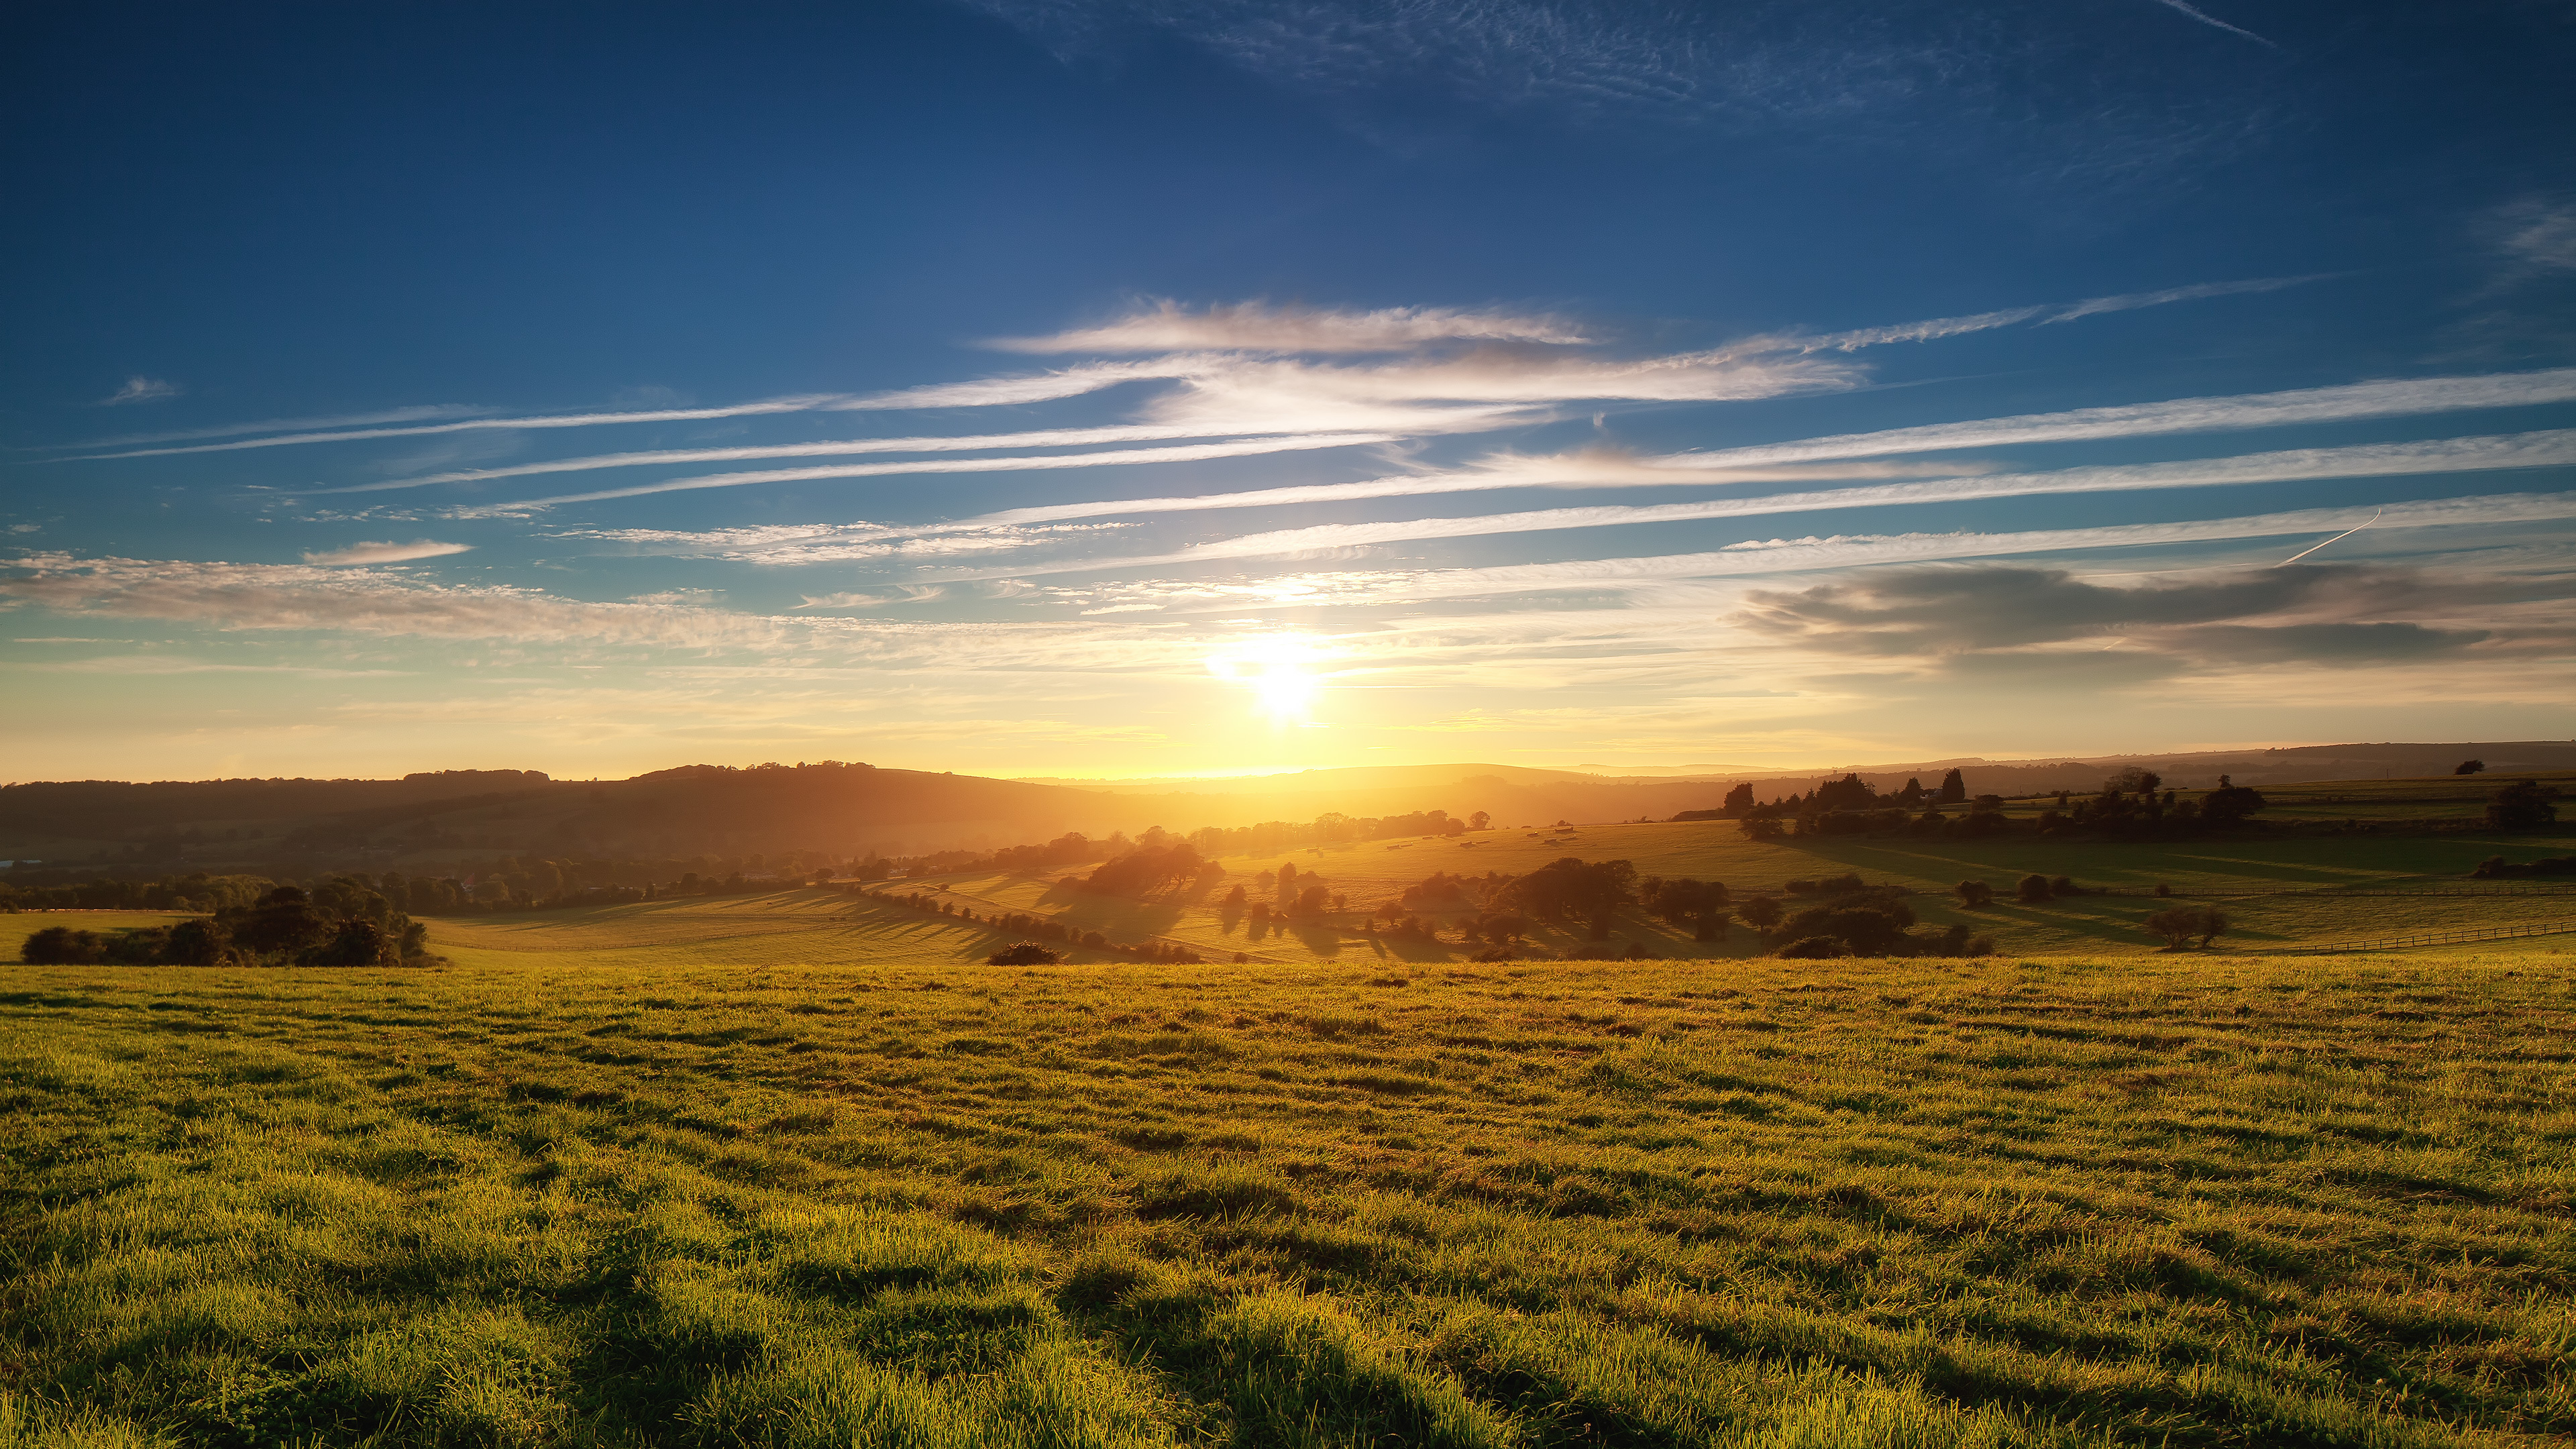 a sunrise on the veld short